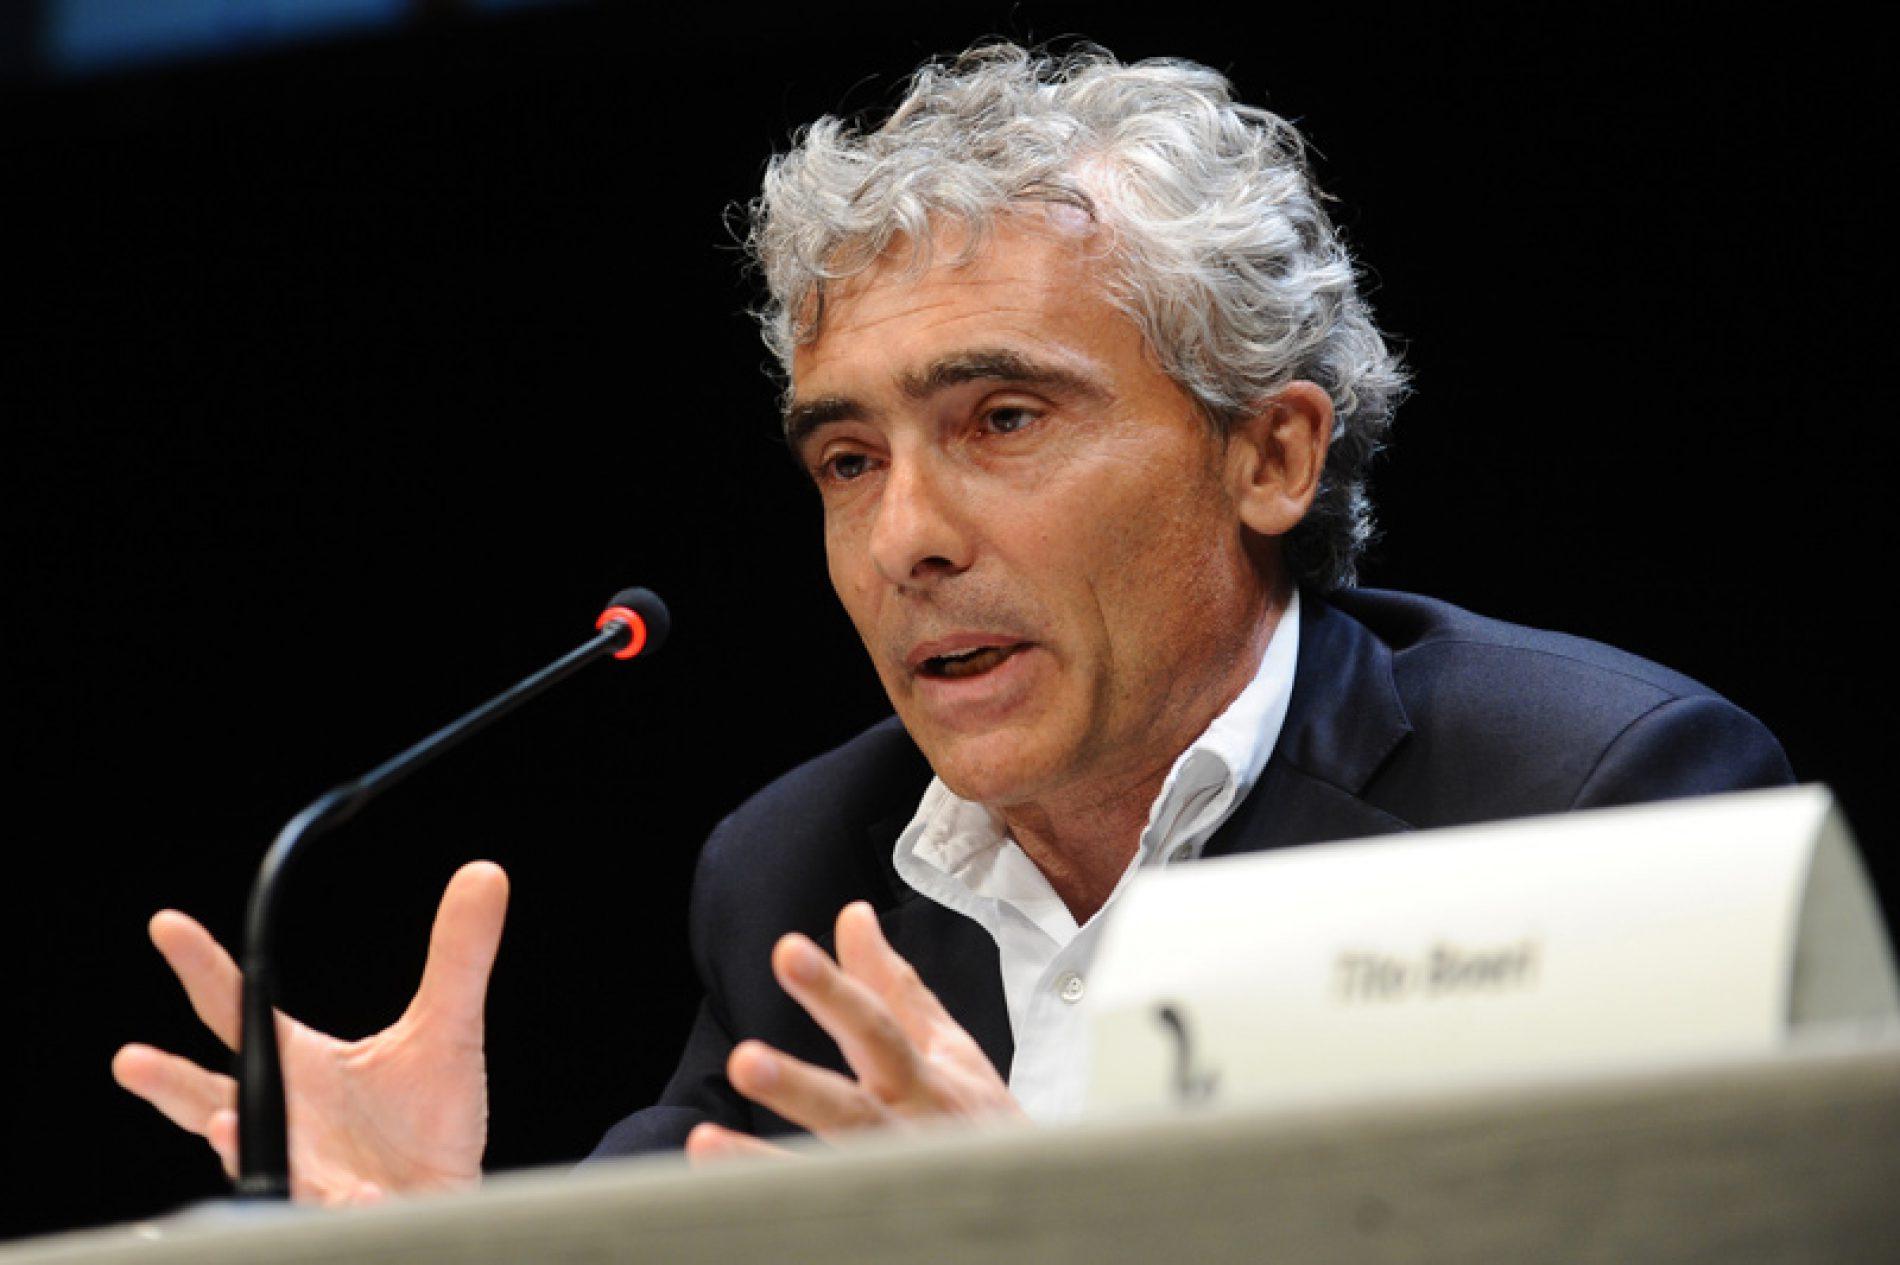 Pensioni, per Tito Boeri non ci sono margini per blocco dell'adeguamento età pensionabile